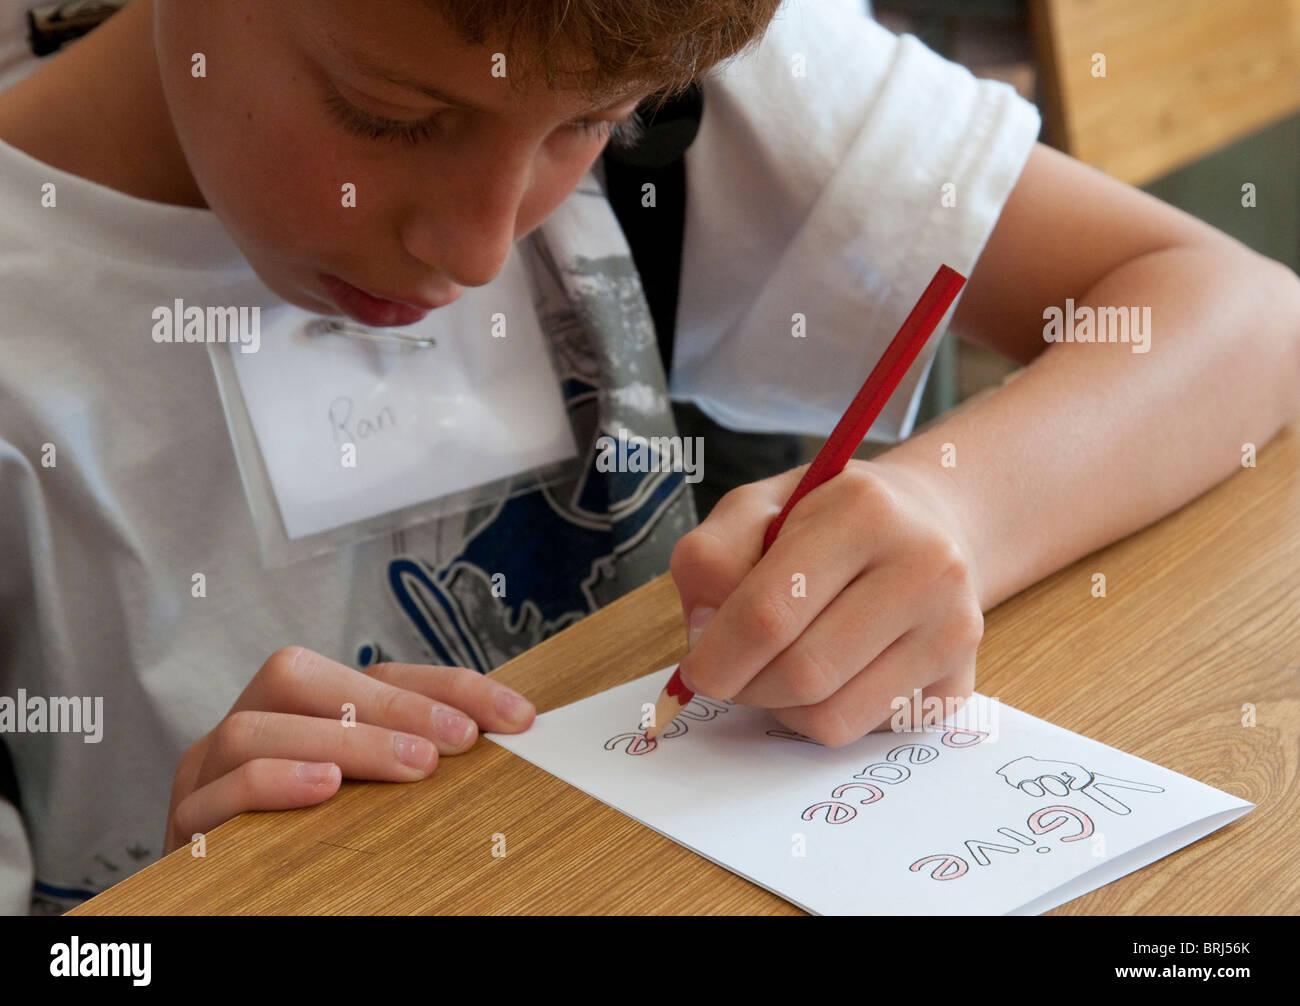 child writing a peace message. Jerusalem - Stock Image